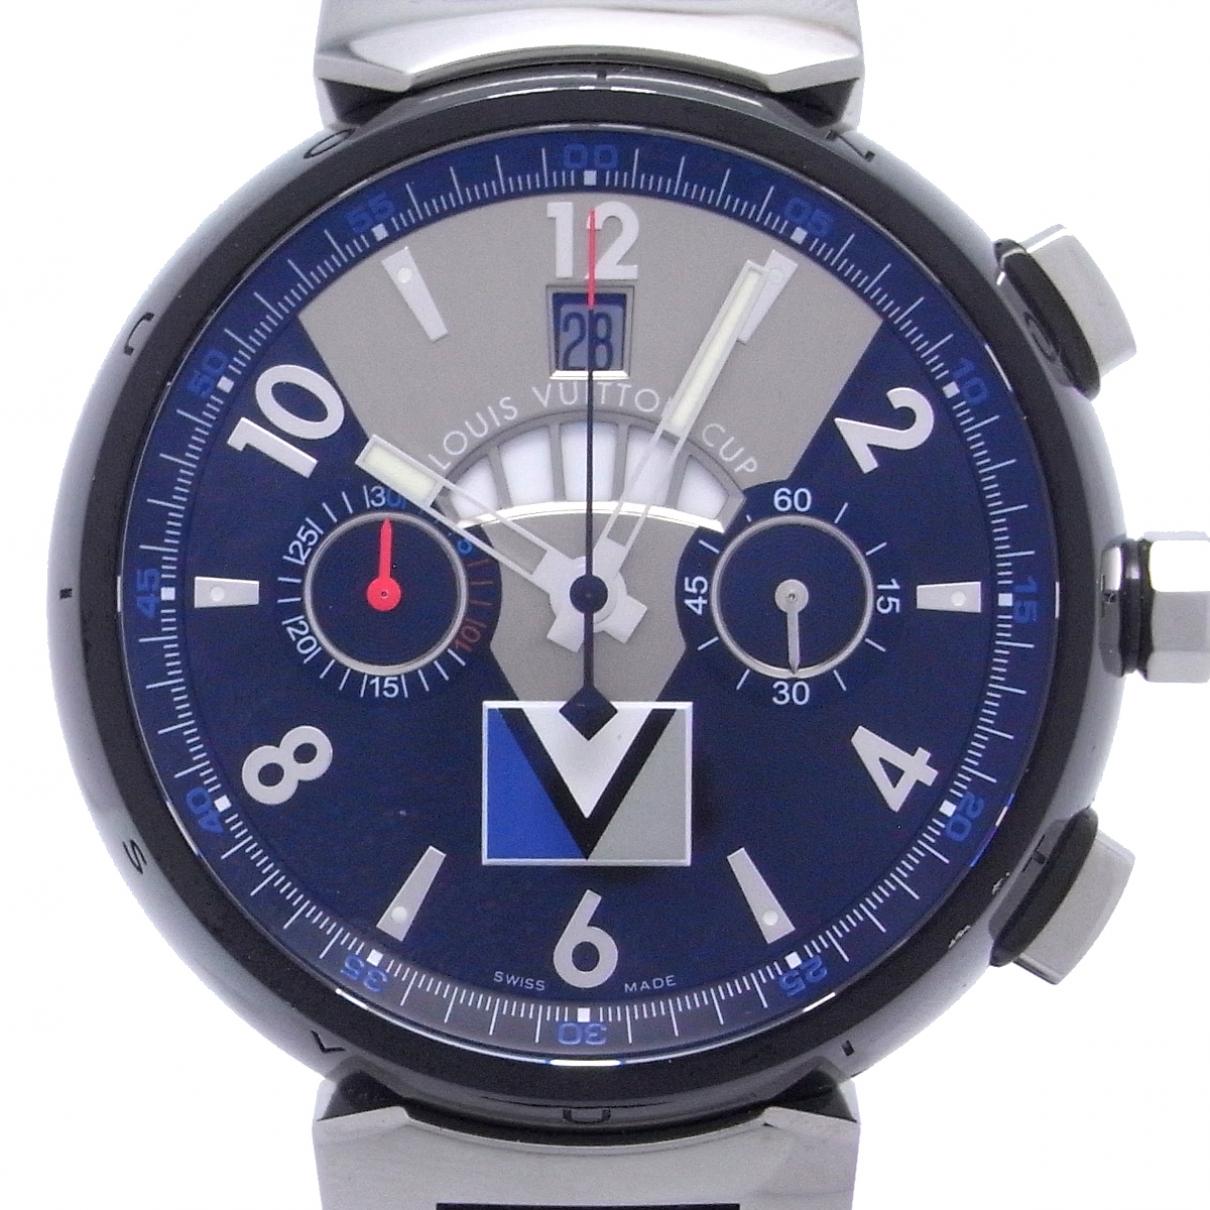 Relojes Tambour Louis Vuitton